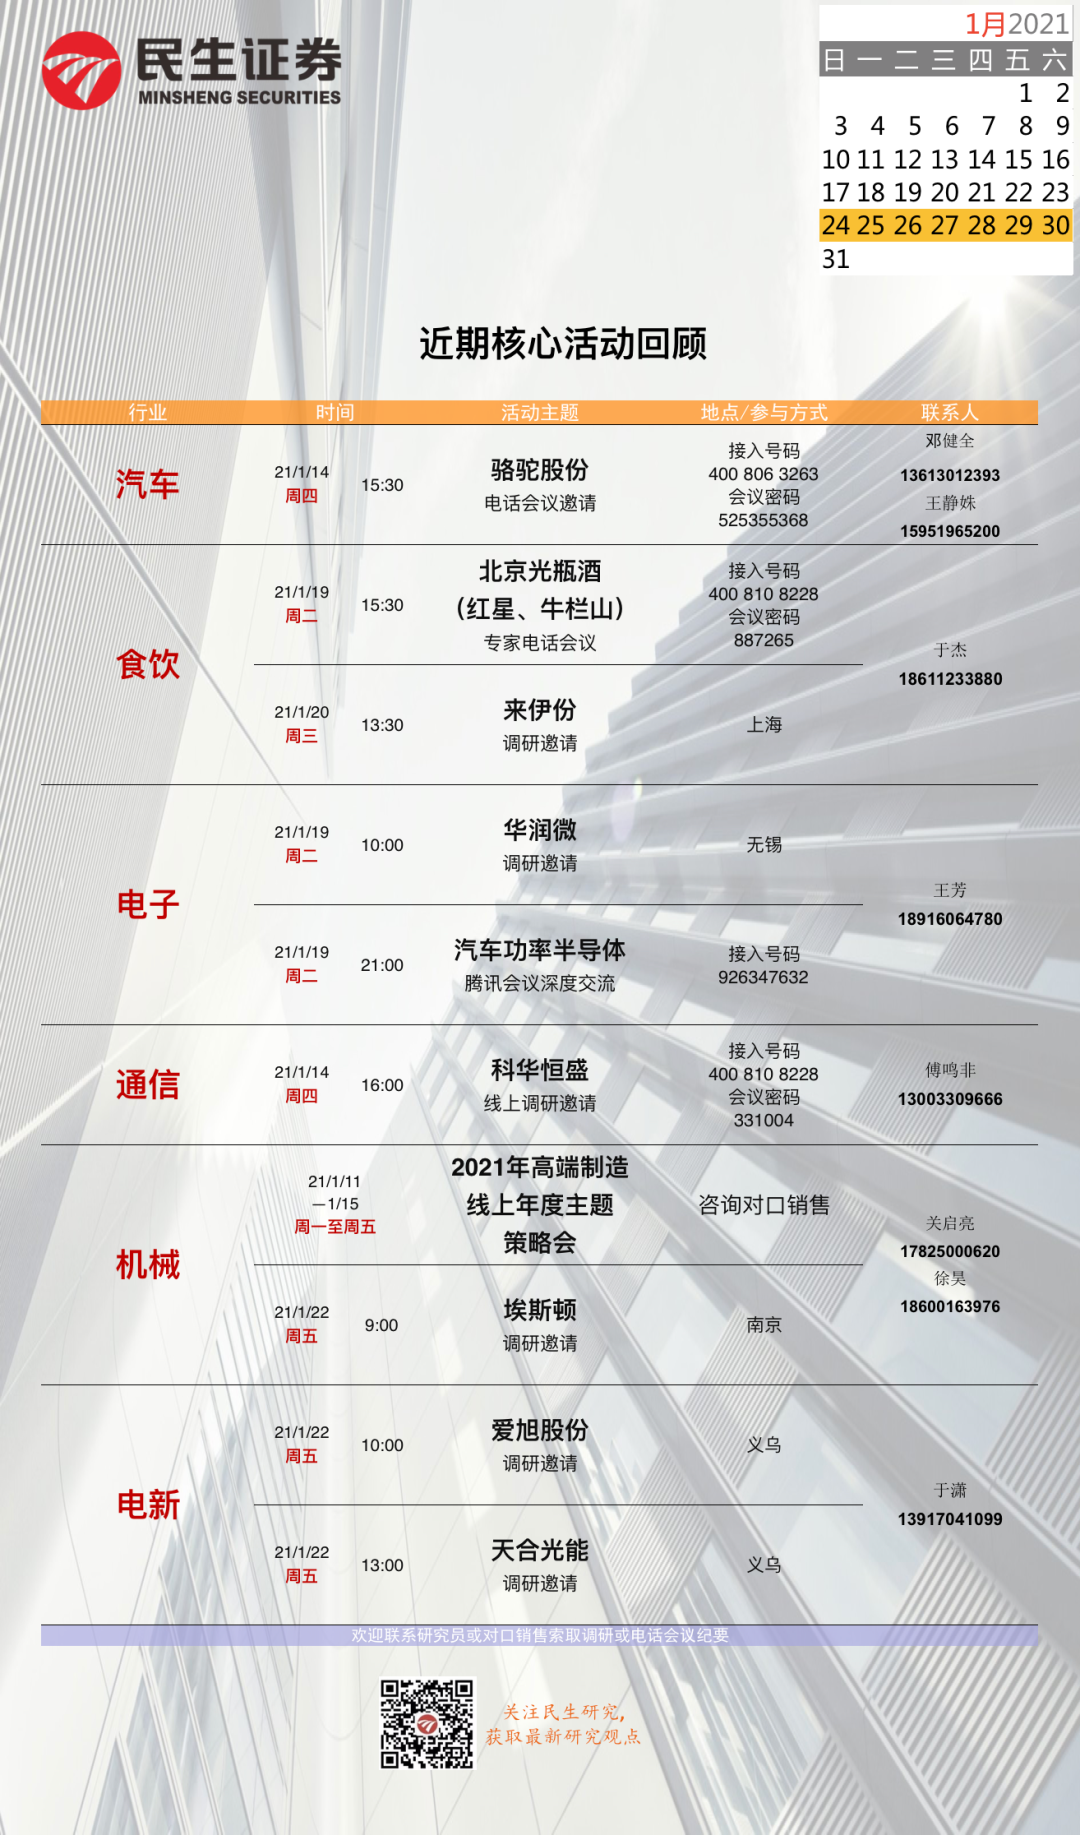 【民生证券研究院】晨会纪要20210127